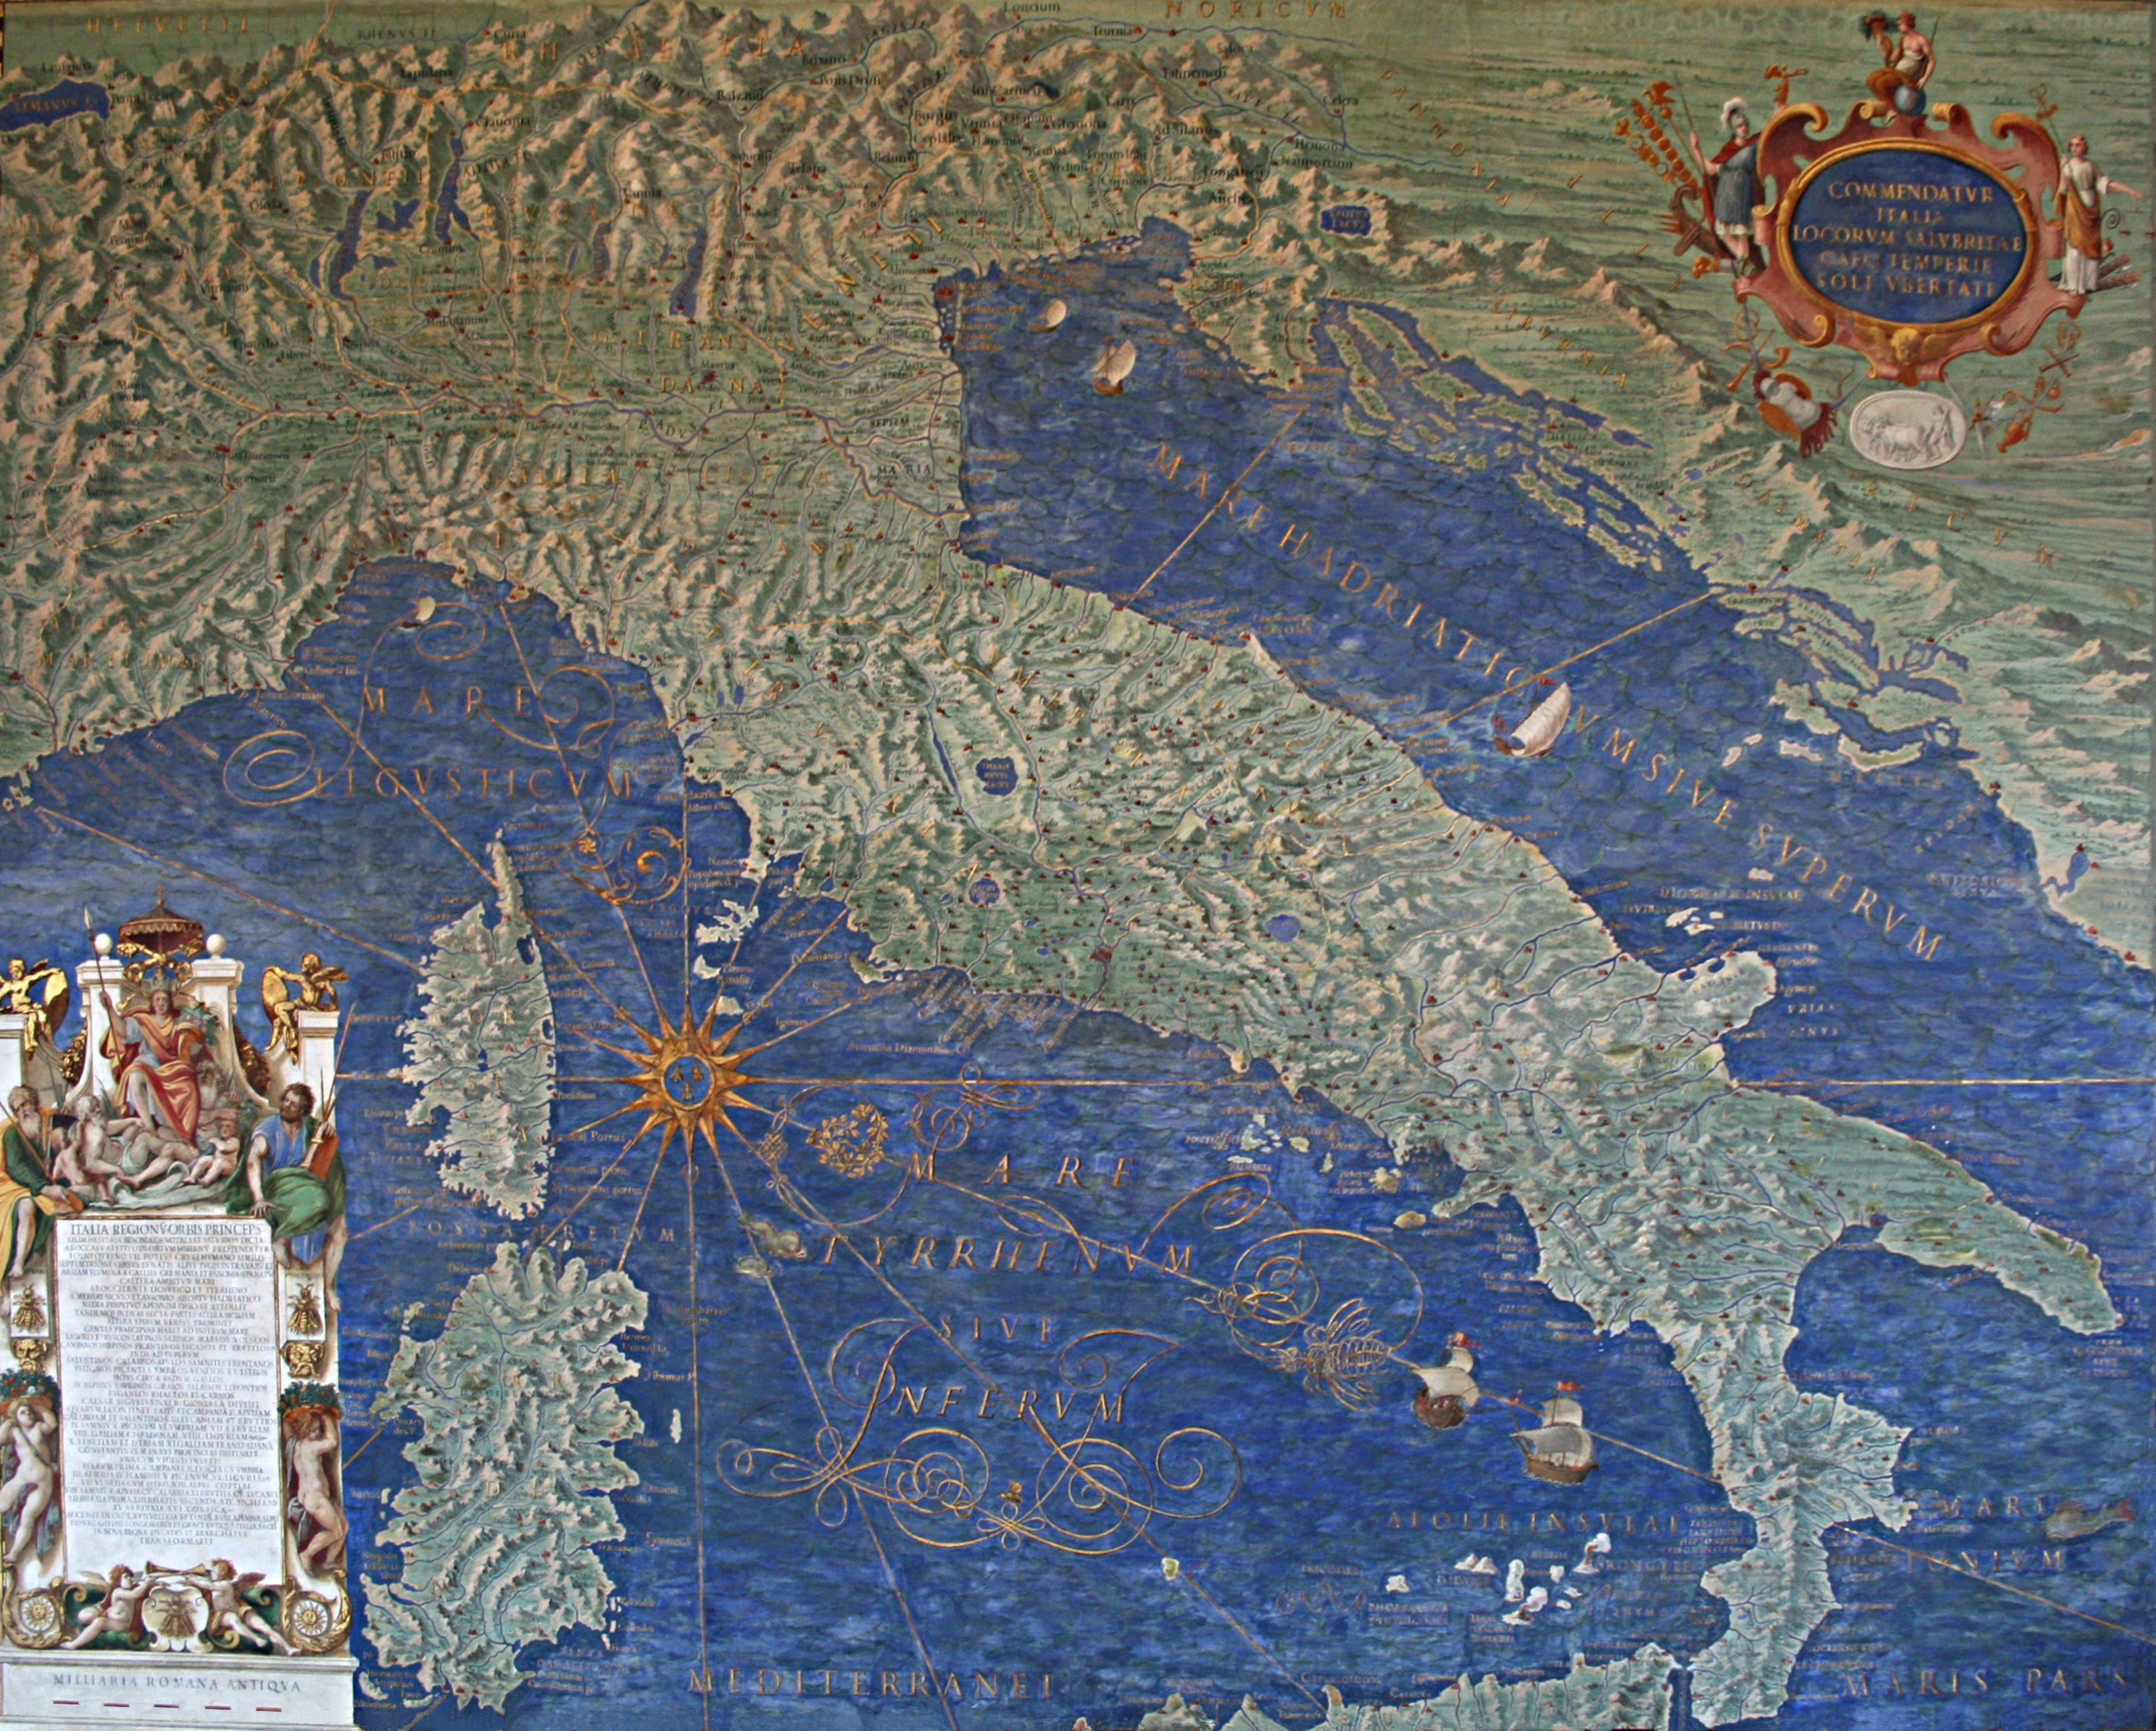 Mappa di italia di corsica e sardegna galleria delle carte mappa di italia di corsica e sardegna galleria delle carte geografiche the gallery of maps musei vaticani affresco di ignazio danti1580 1583 thecheapjerseys Images